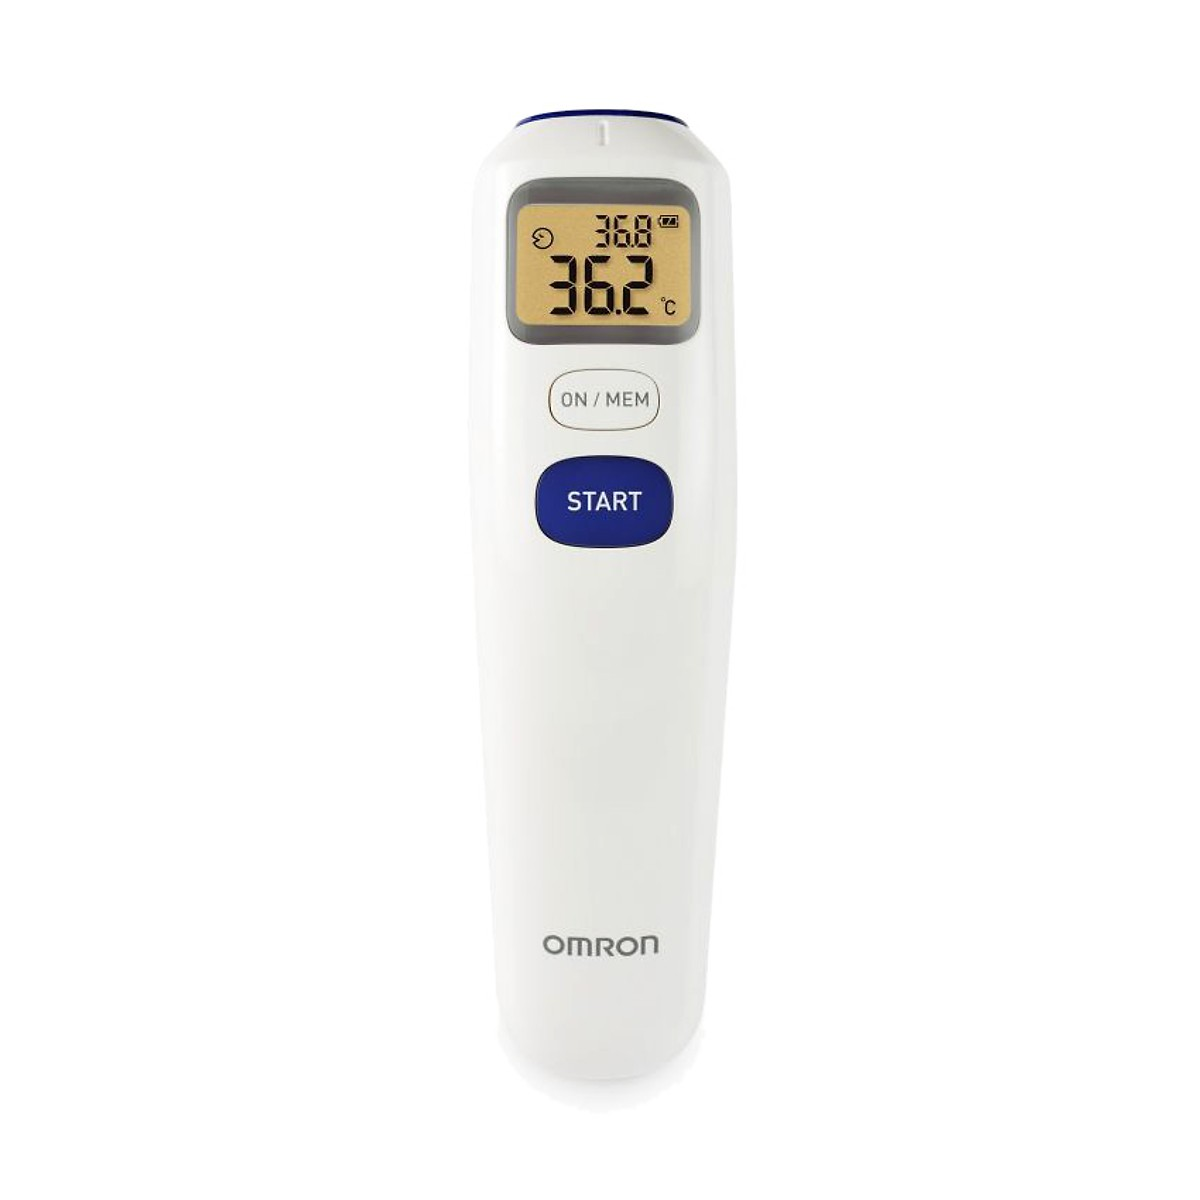 nhiệt kế điện tử omron có tốt không?